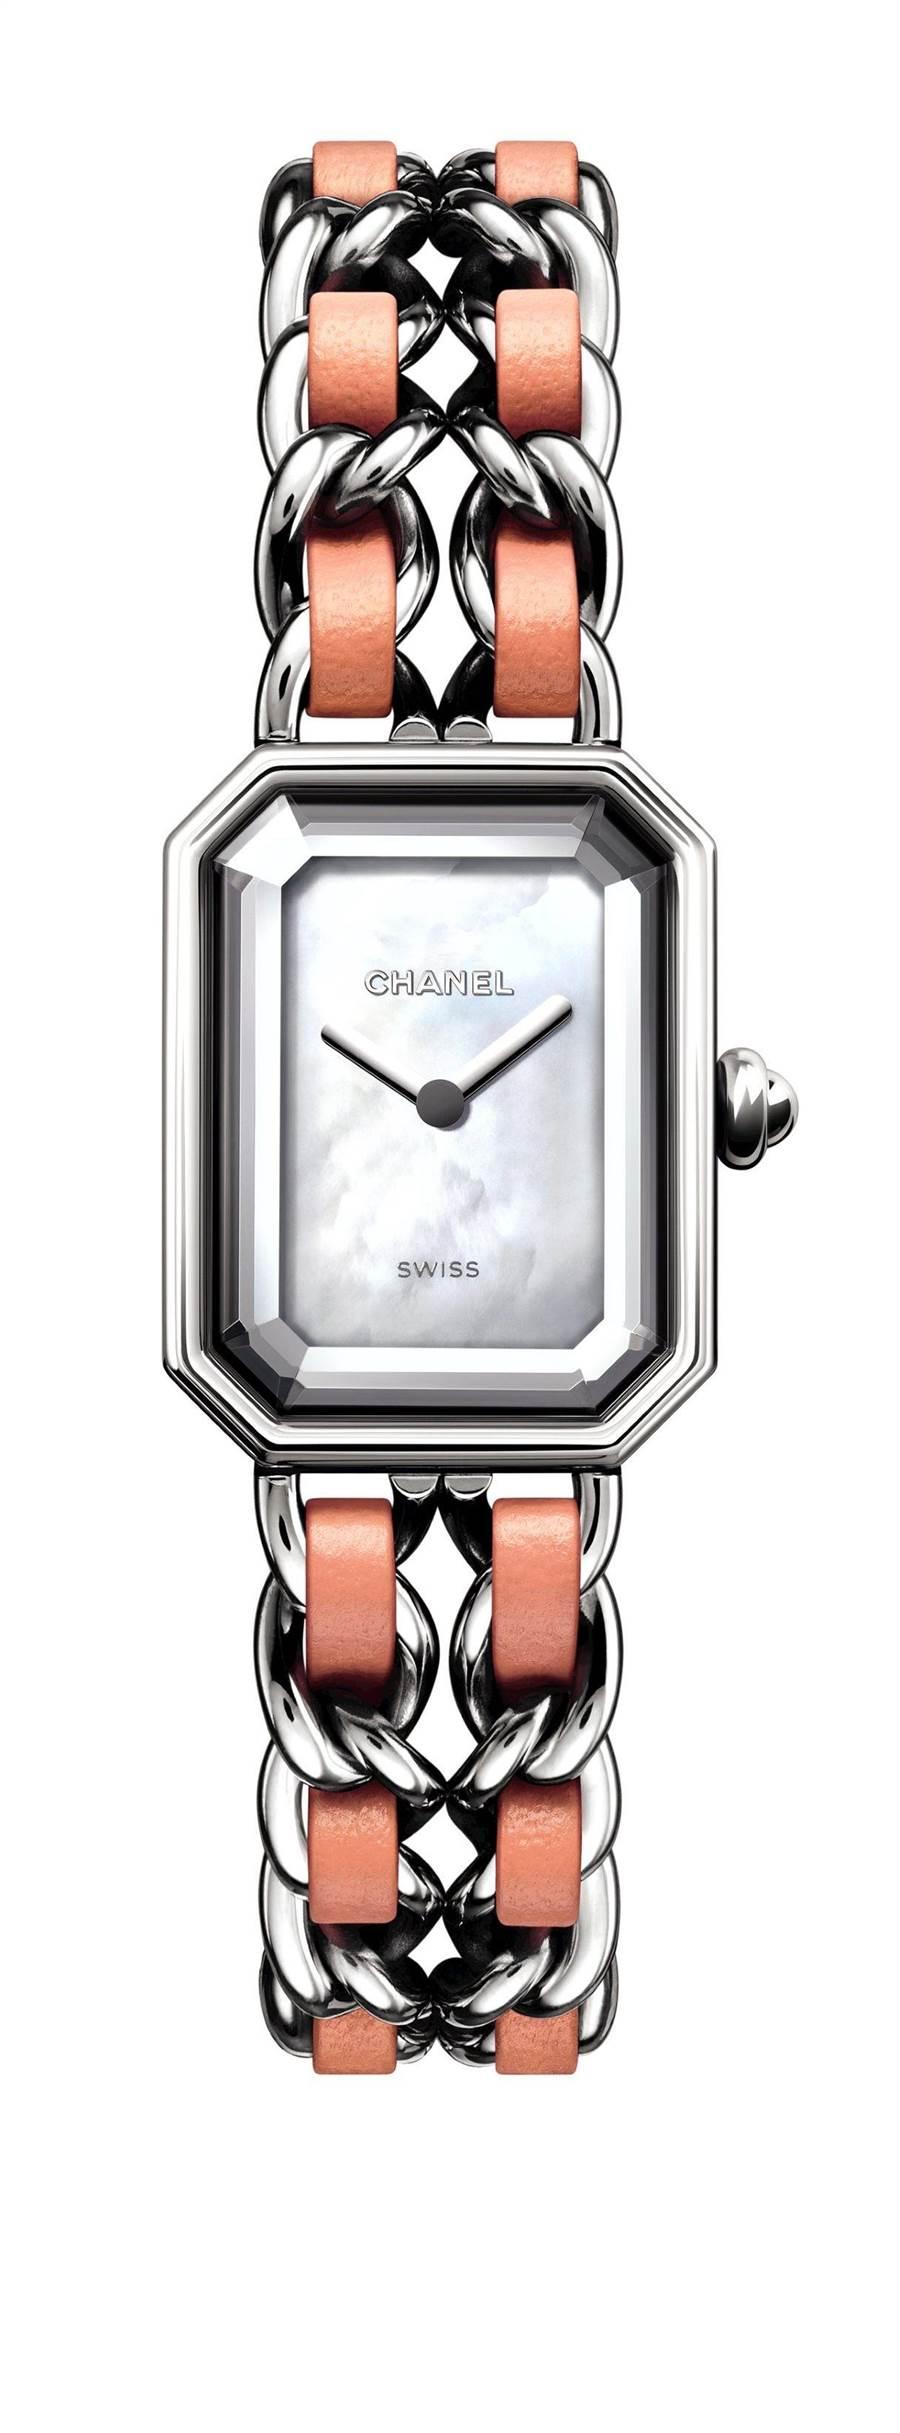 香奈兒全新Premiere Rock粉紅腕表,限量1200只,15萬3000元。(CHANEL提供)